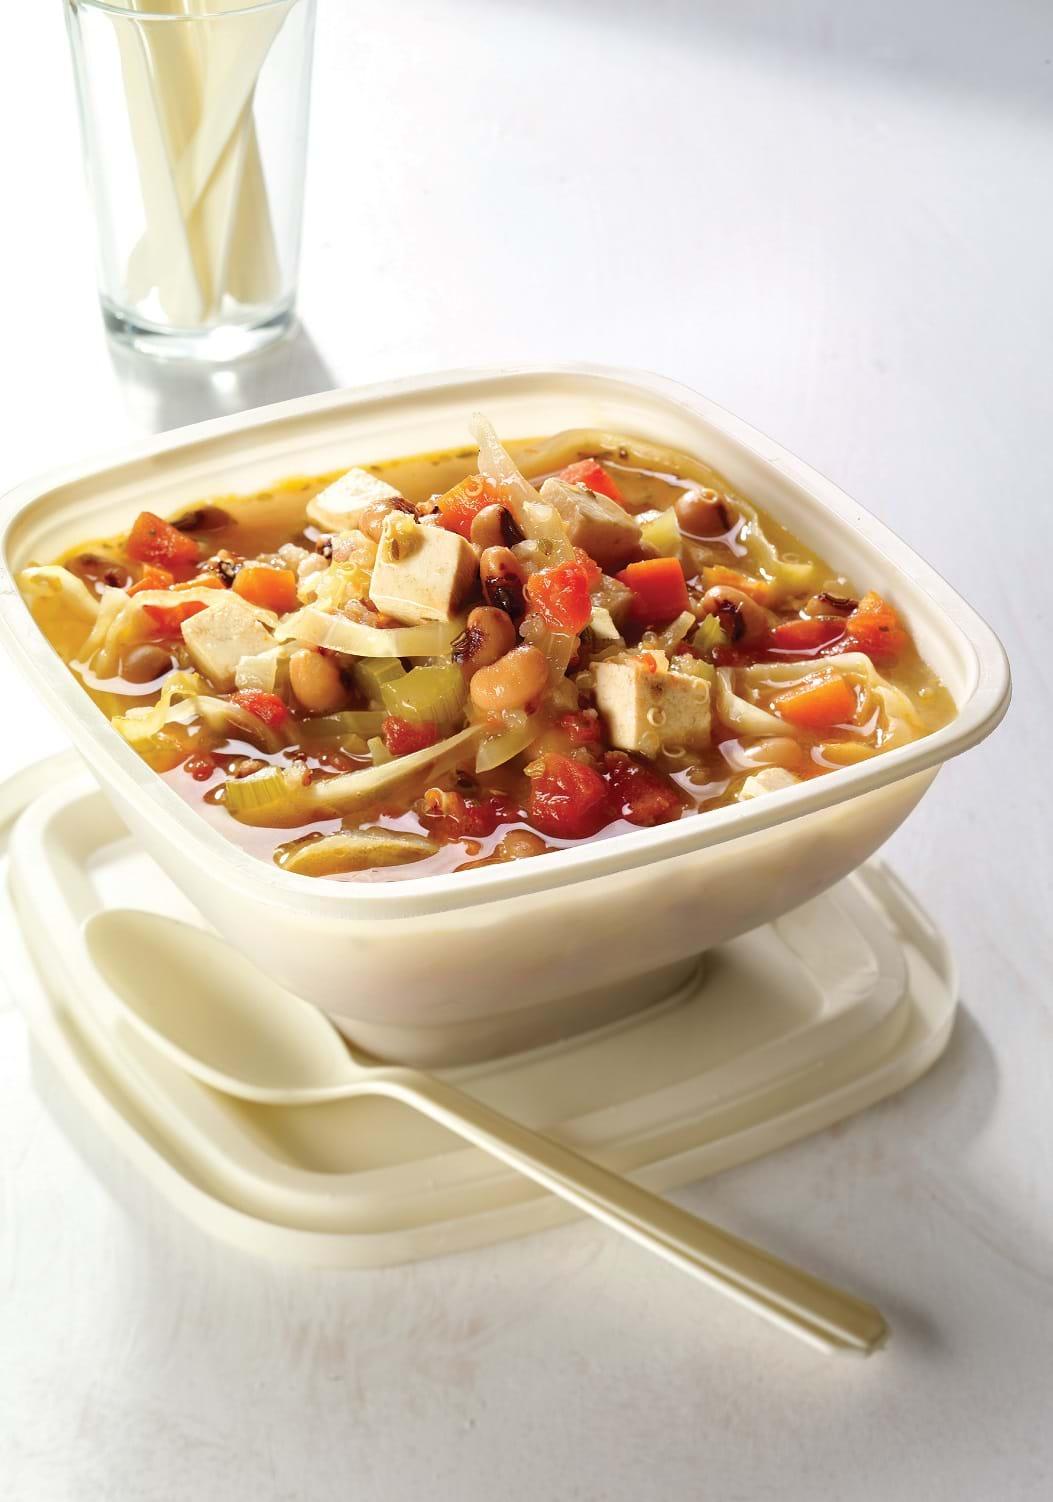 recettes sant nutrisimple soupe repas aux l gumineuses. Black Bedroom Furniture Sets. Home Design Ideas